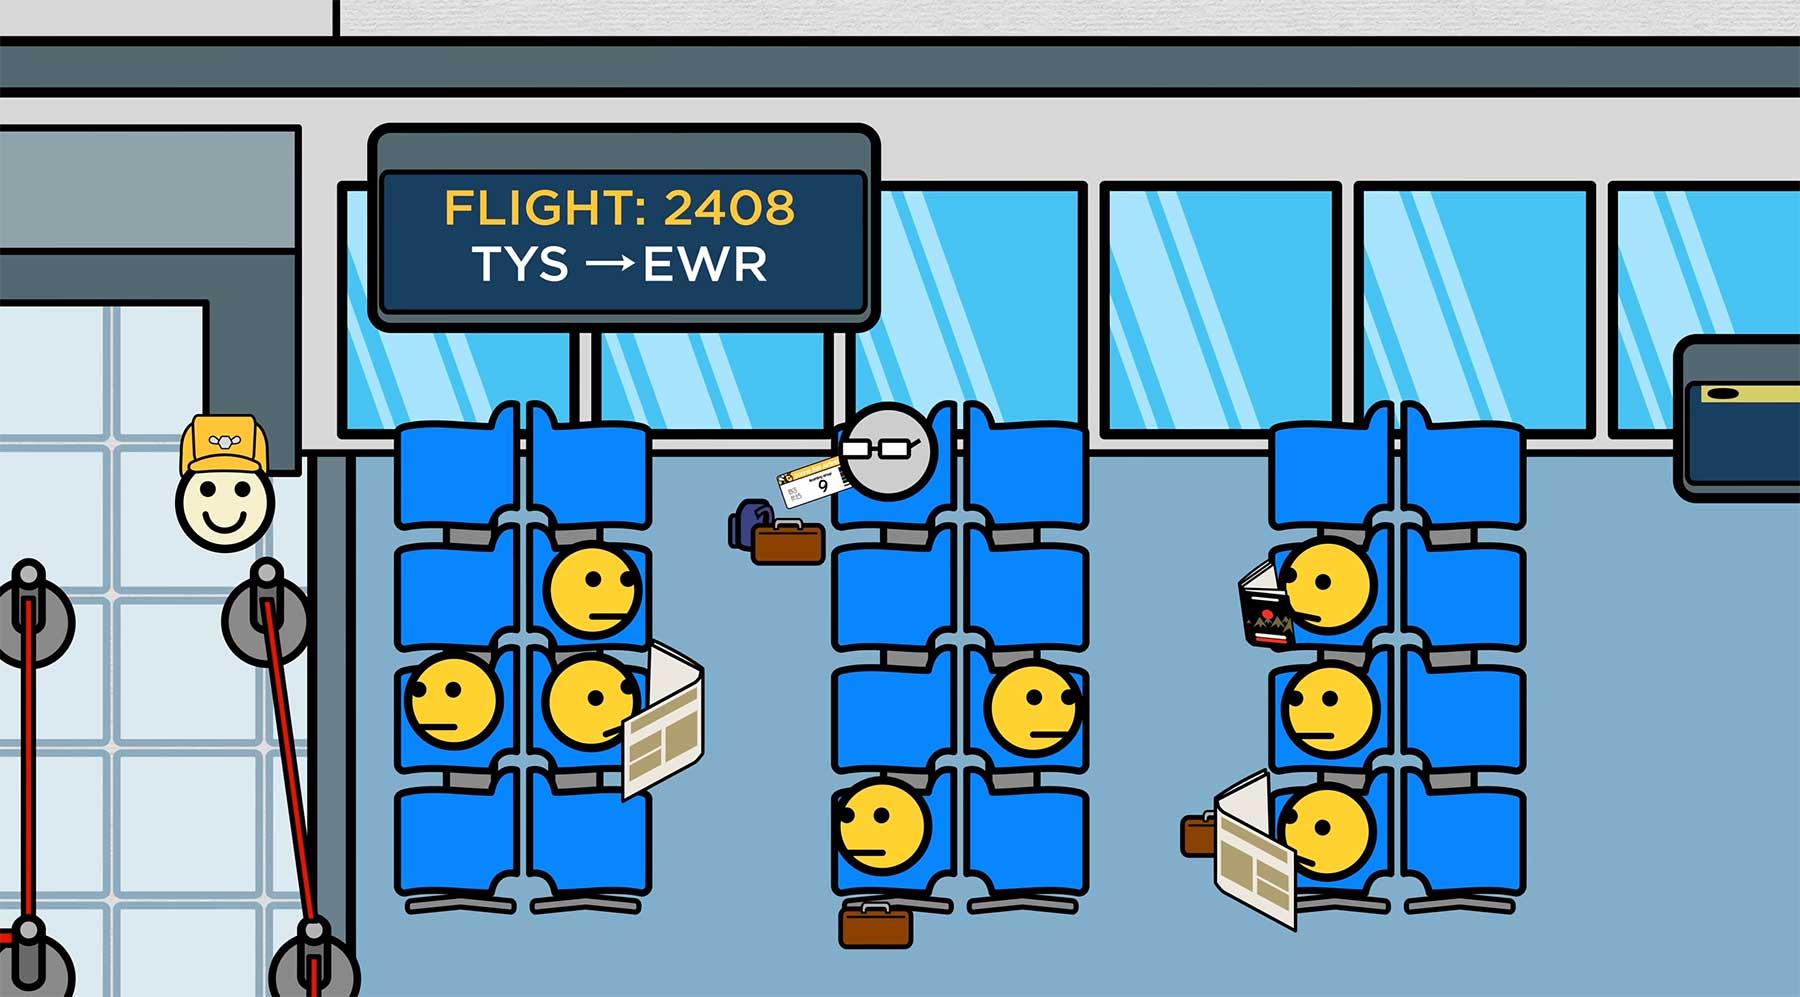 Diese Boarding-Methode ist die schnellste